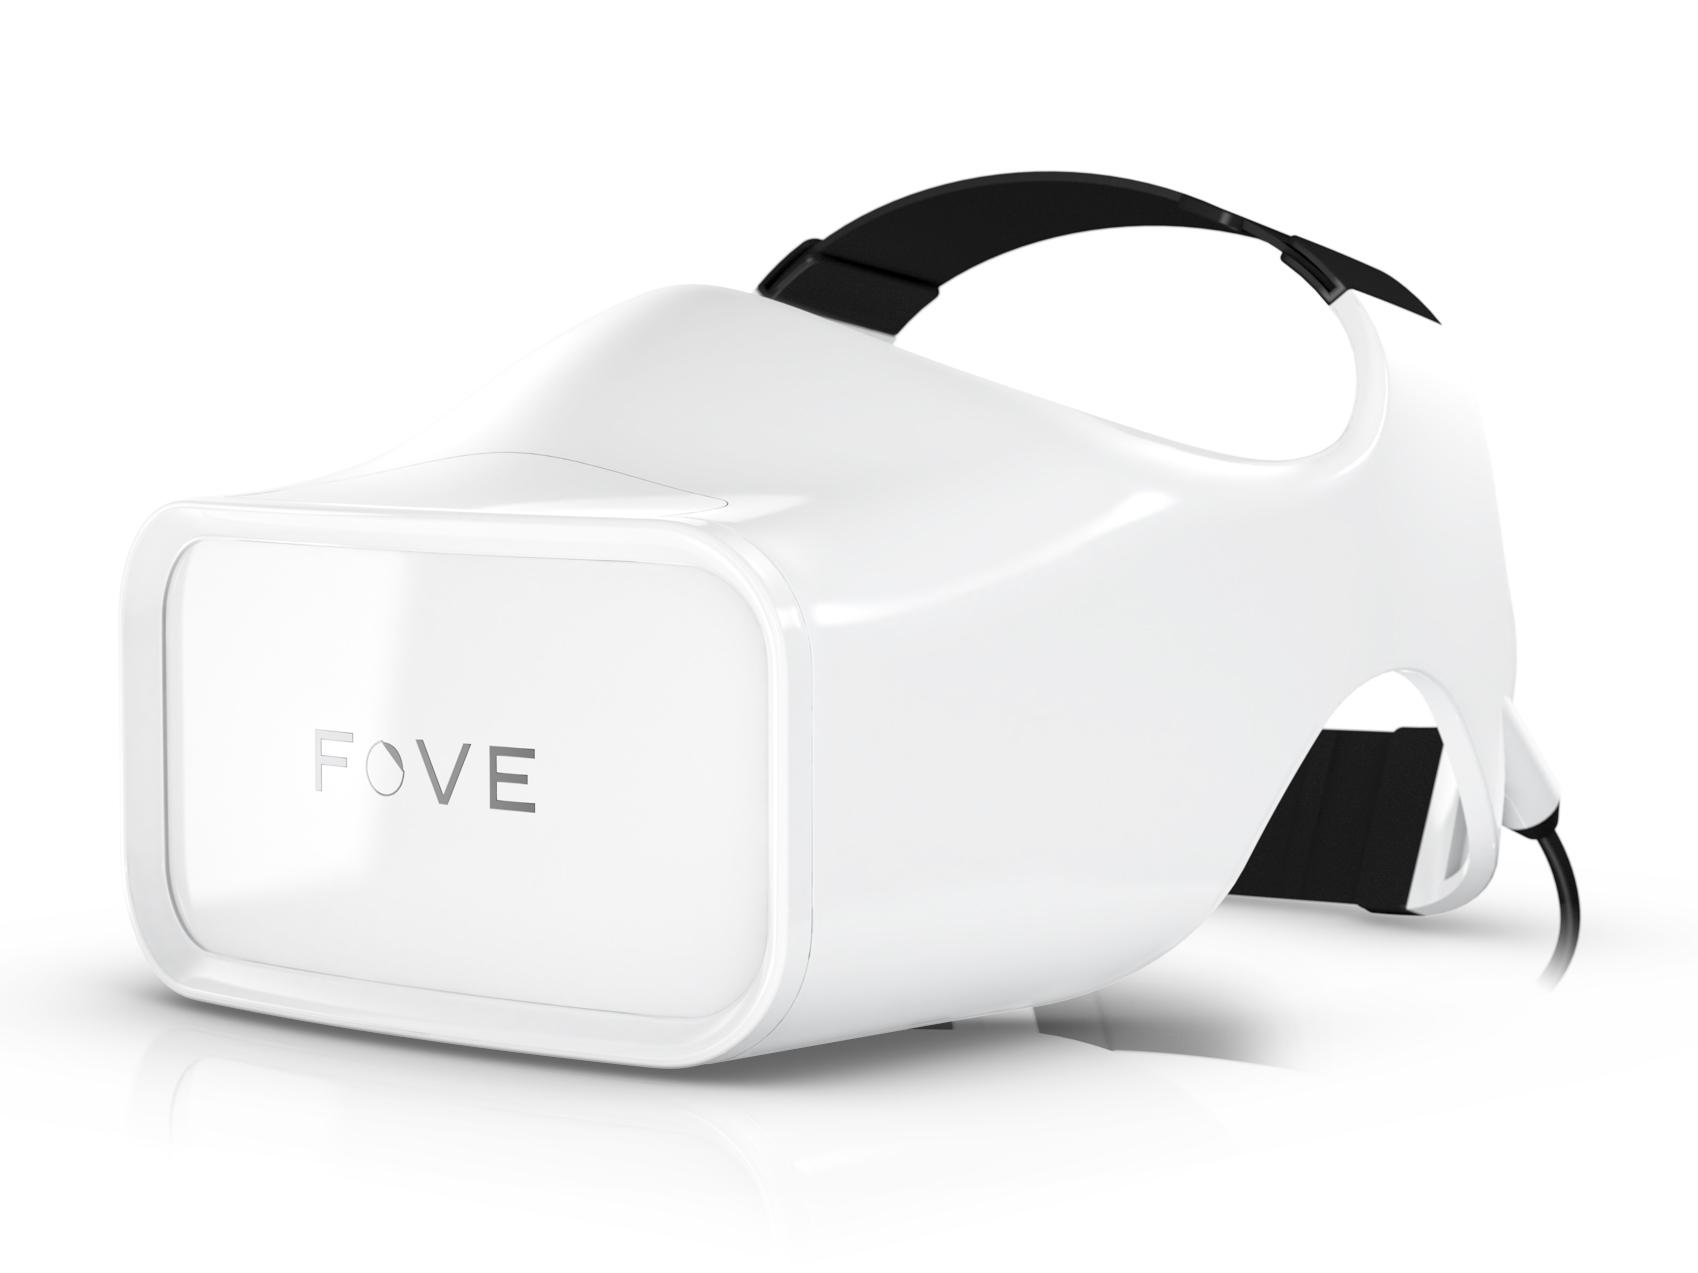 視線追跡型のVRヘッドセット「FOVE」